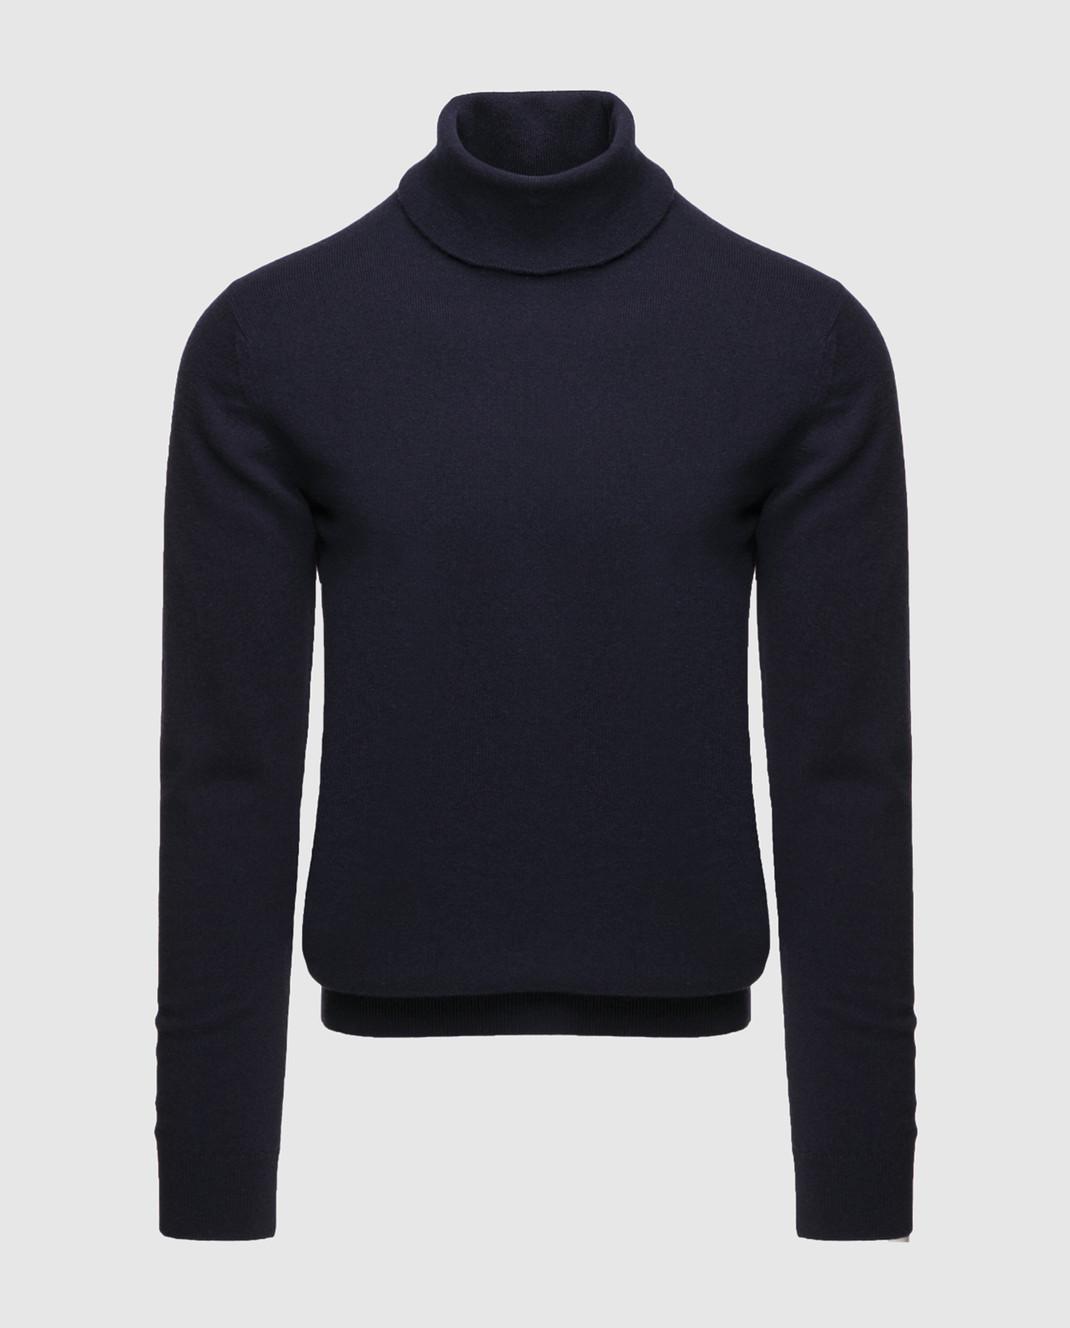 Johnstons Темно-синий свитер из кашемира изображение 1